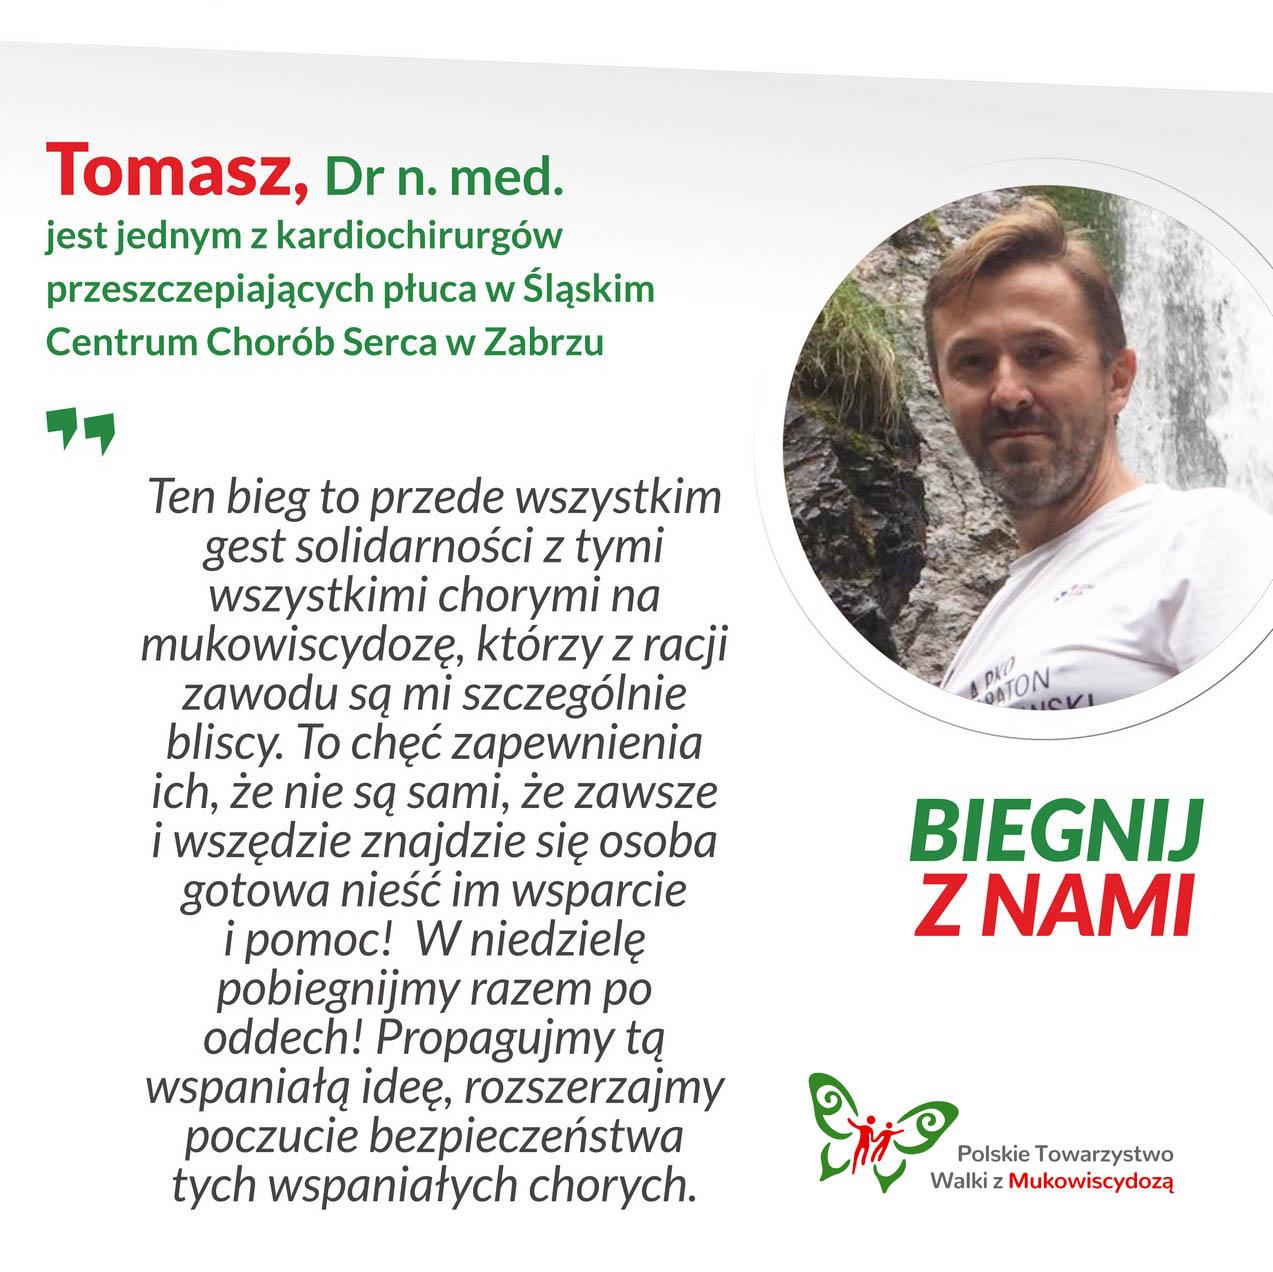 Tomasz, Dr n. med